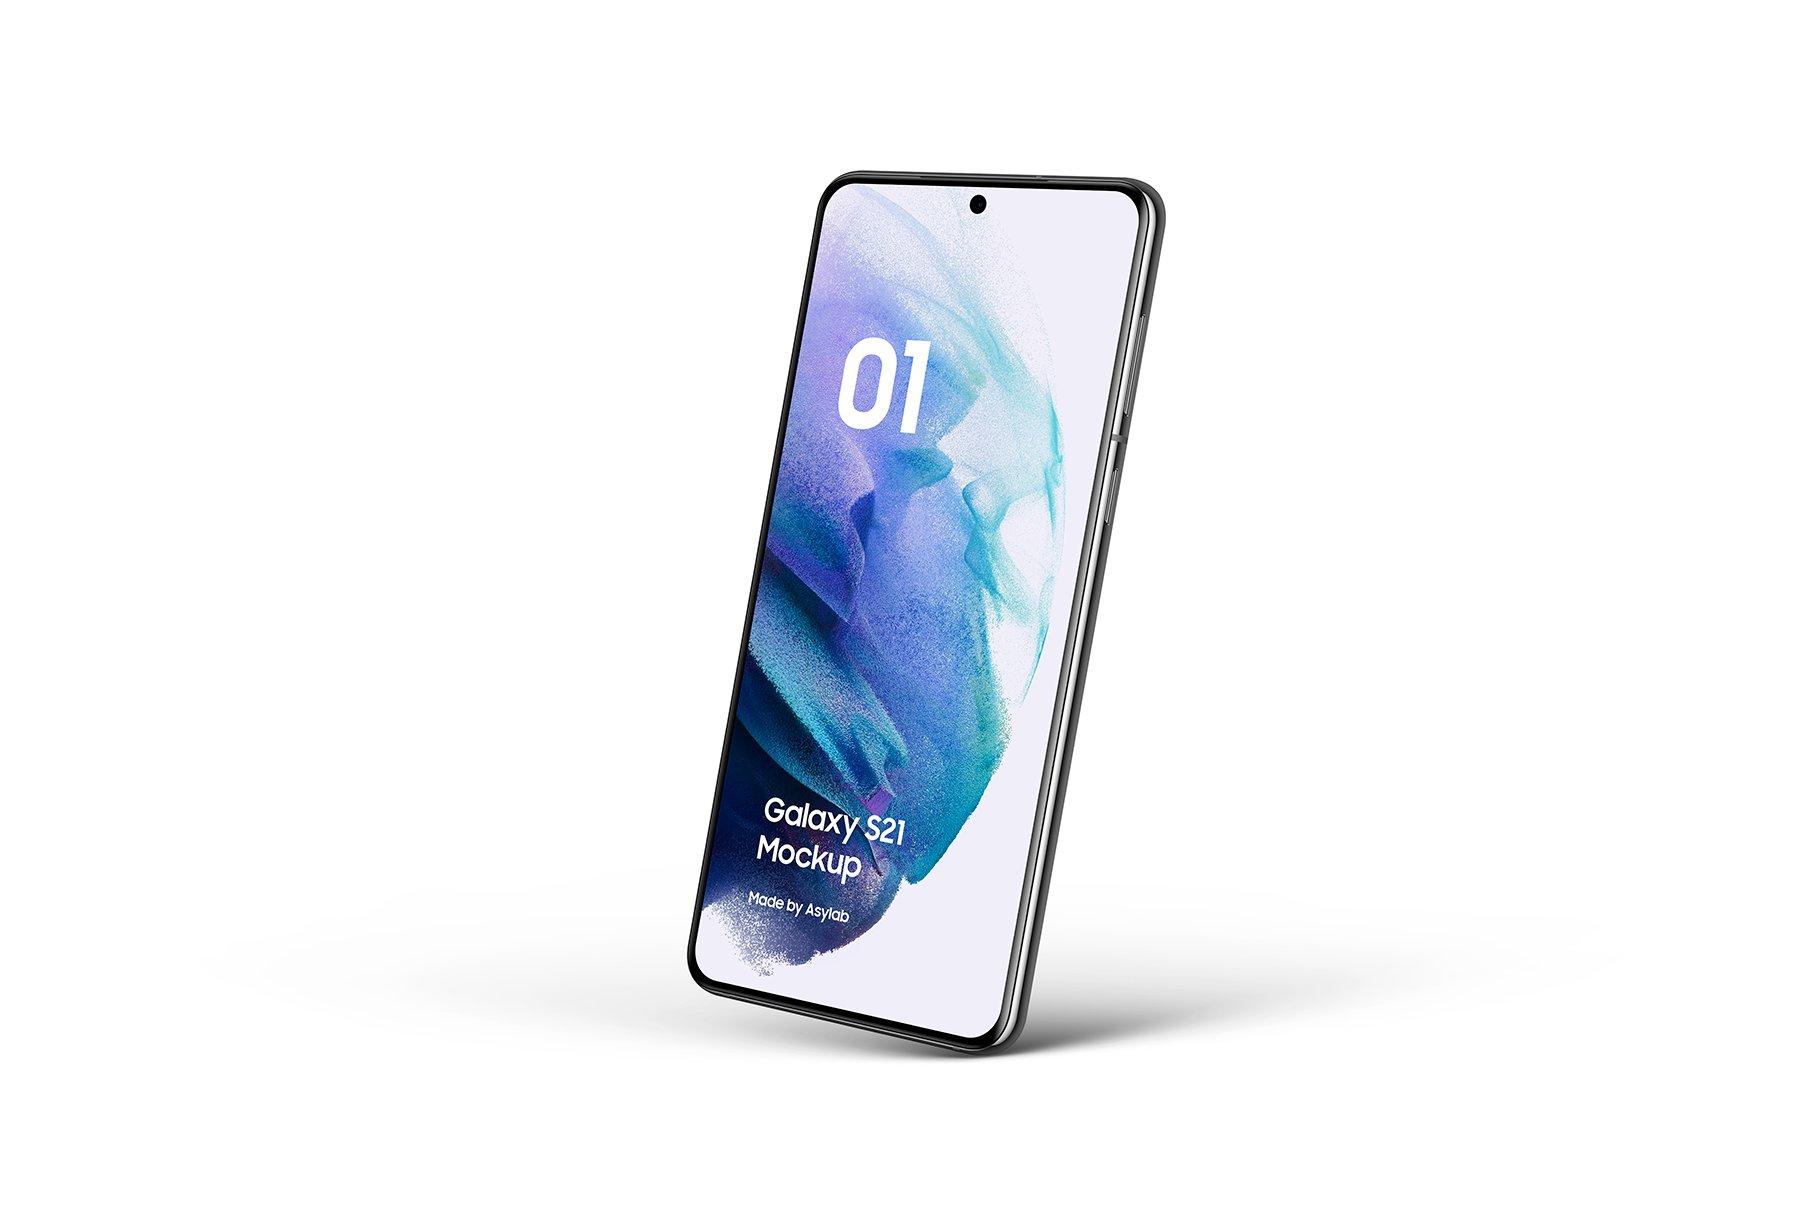 [单独购买] 20款三星Galaxy S21手机网站APP界面设计演示样机模板套件 Galaxy S21 – 20 Mockups Scenes插图24